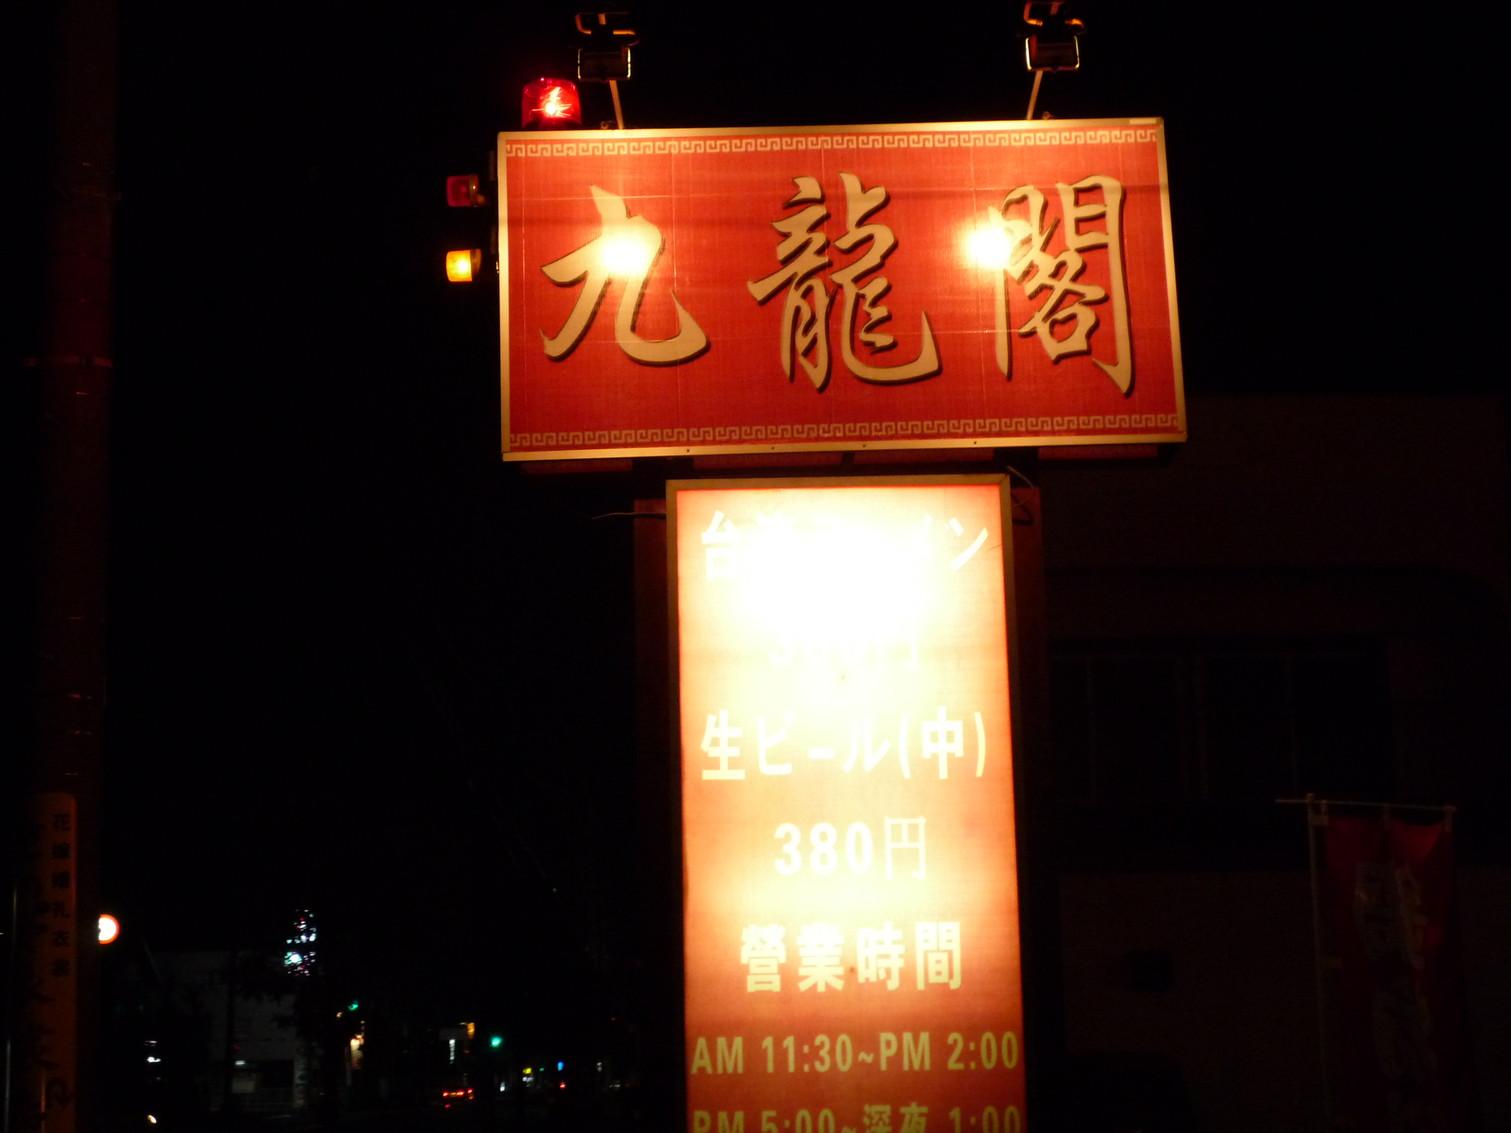 台湾料理 九龍閣